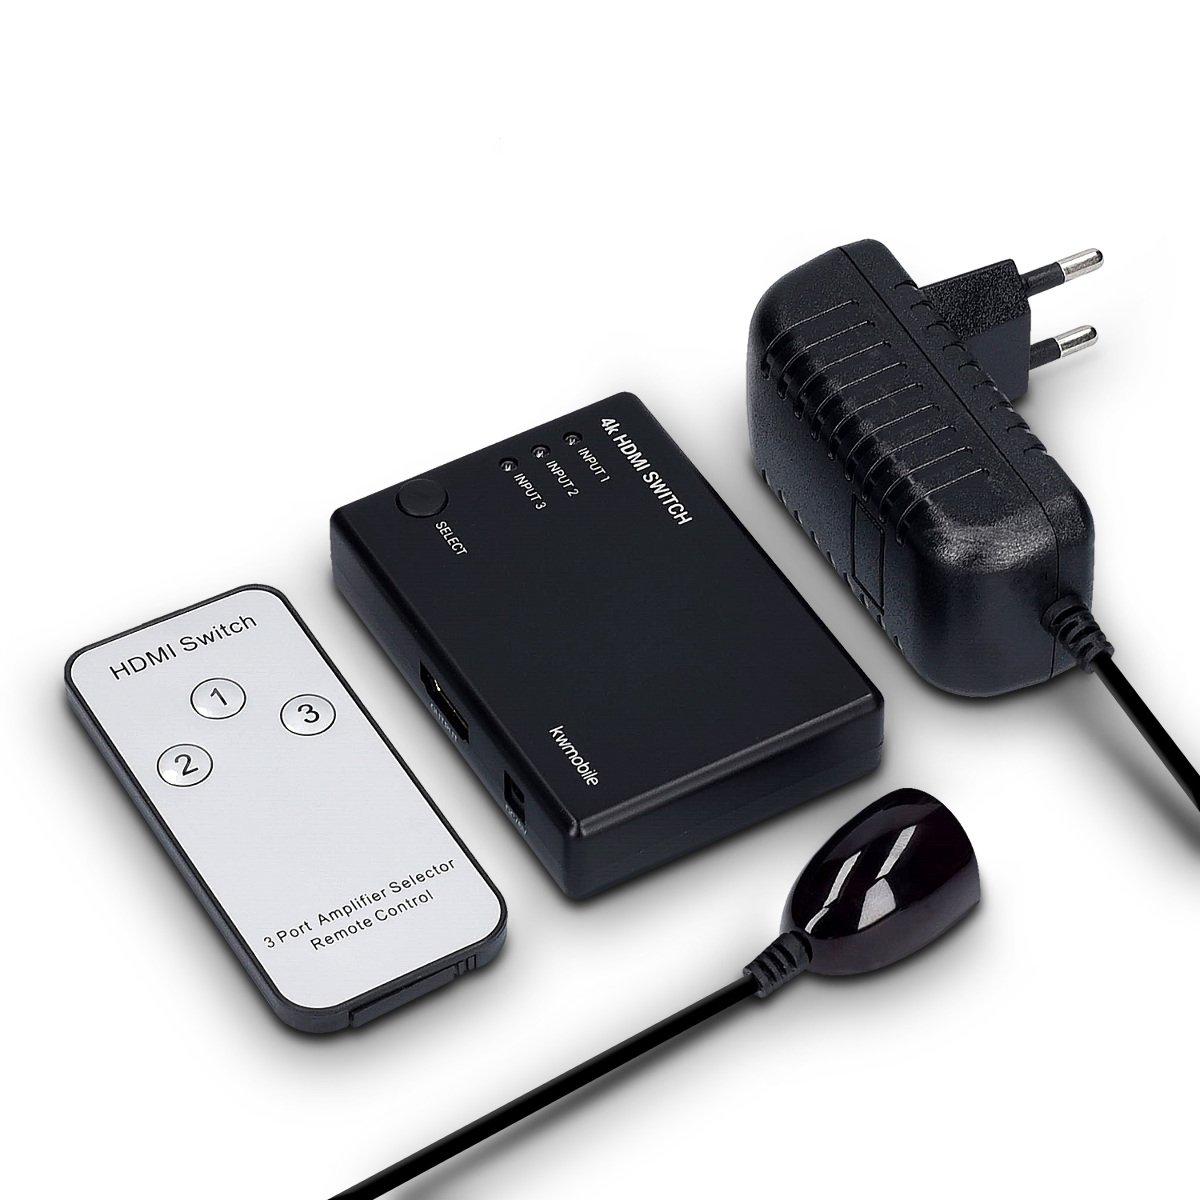 Switch 3 entr/ées 1 Sortie avec t/él/écommande IR HDCP 2.2 Full HD 3D 4k kwmobile Commutateur HDMI 2.0 3 Ports R/épartiteur 3x1 boitier Noir